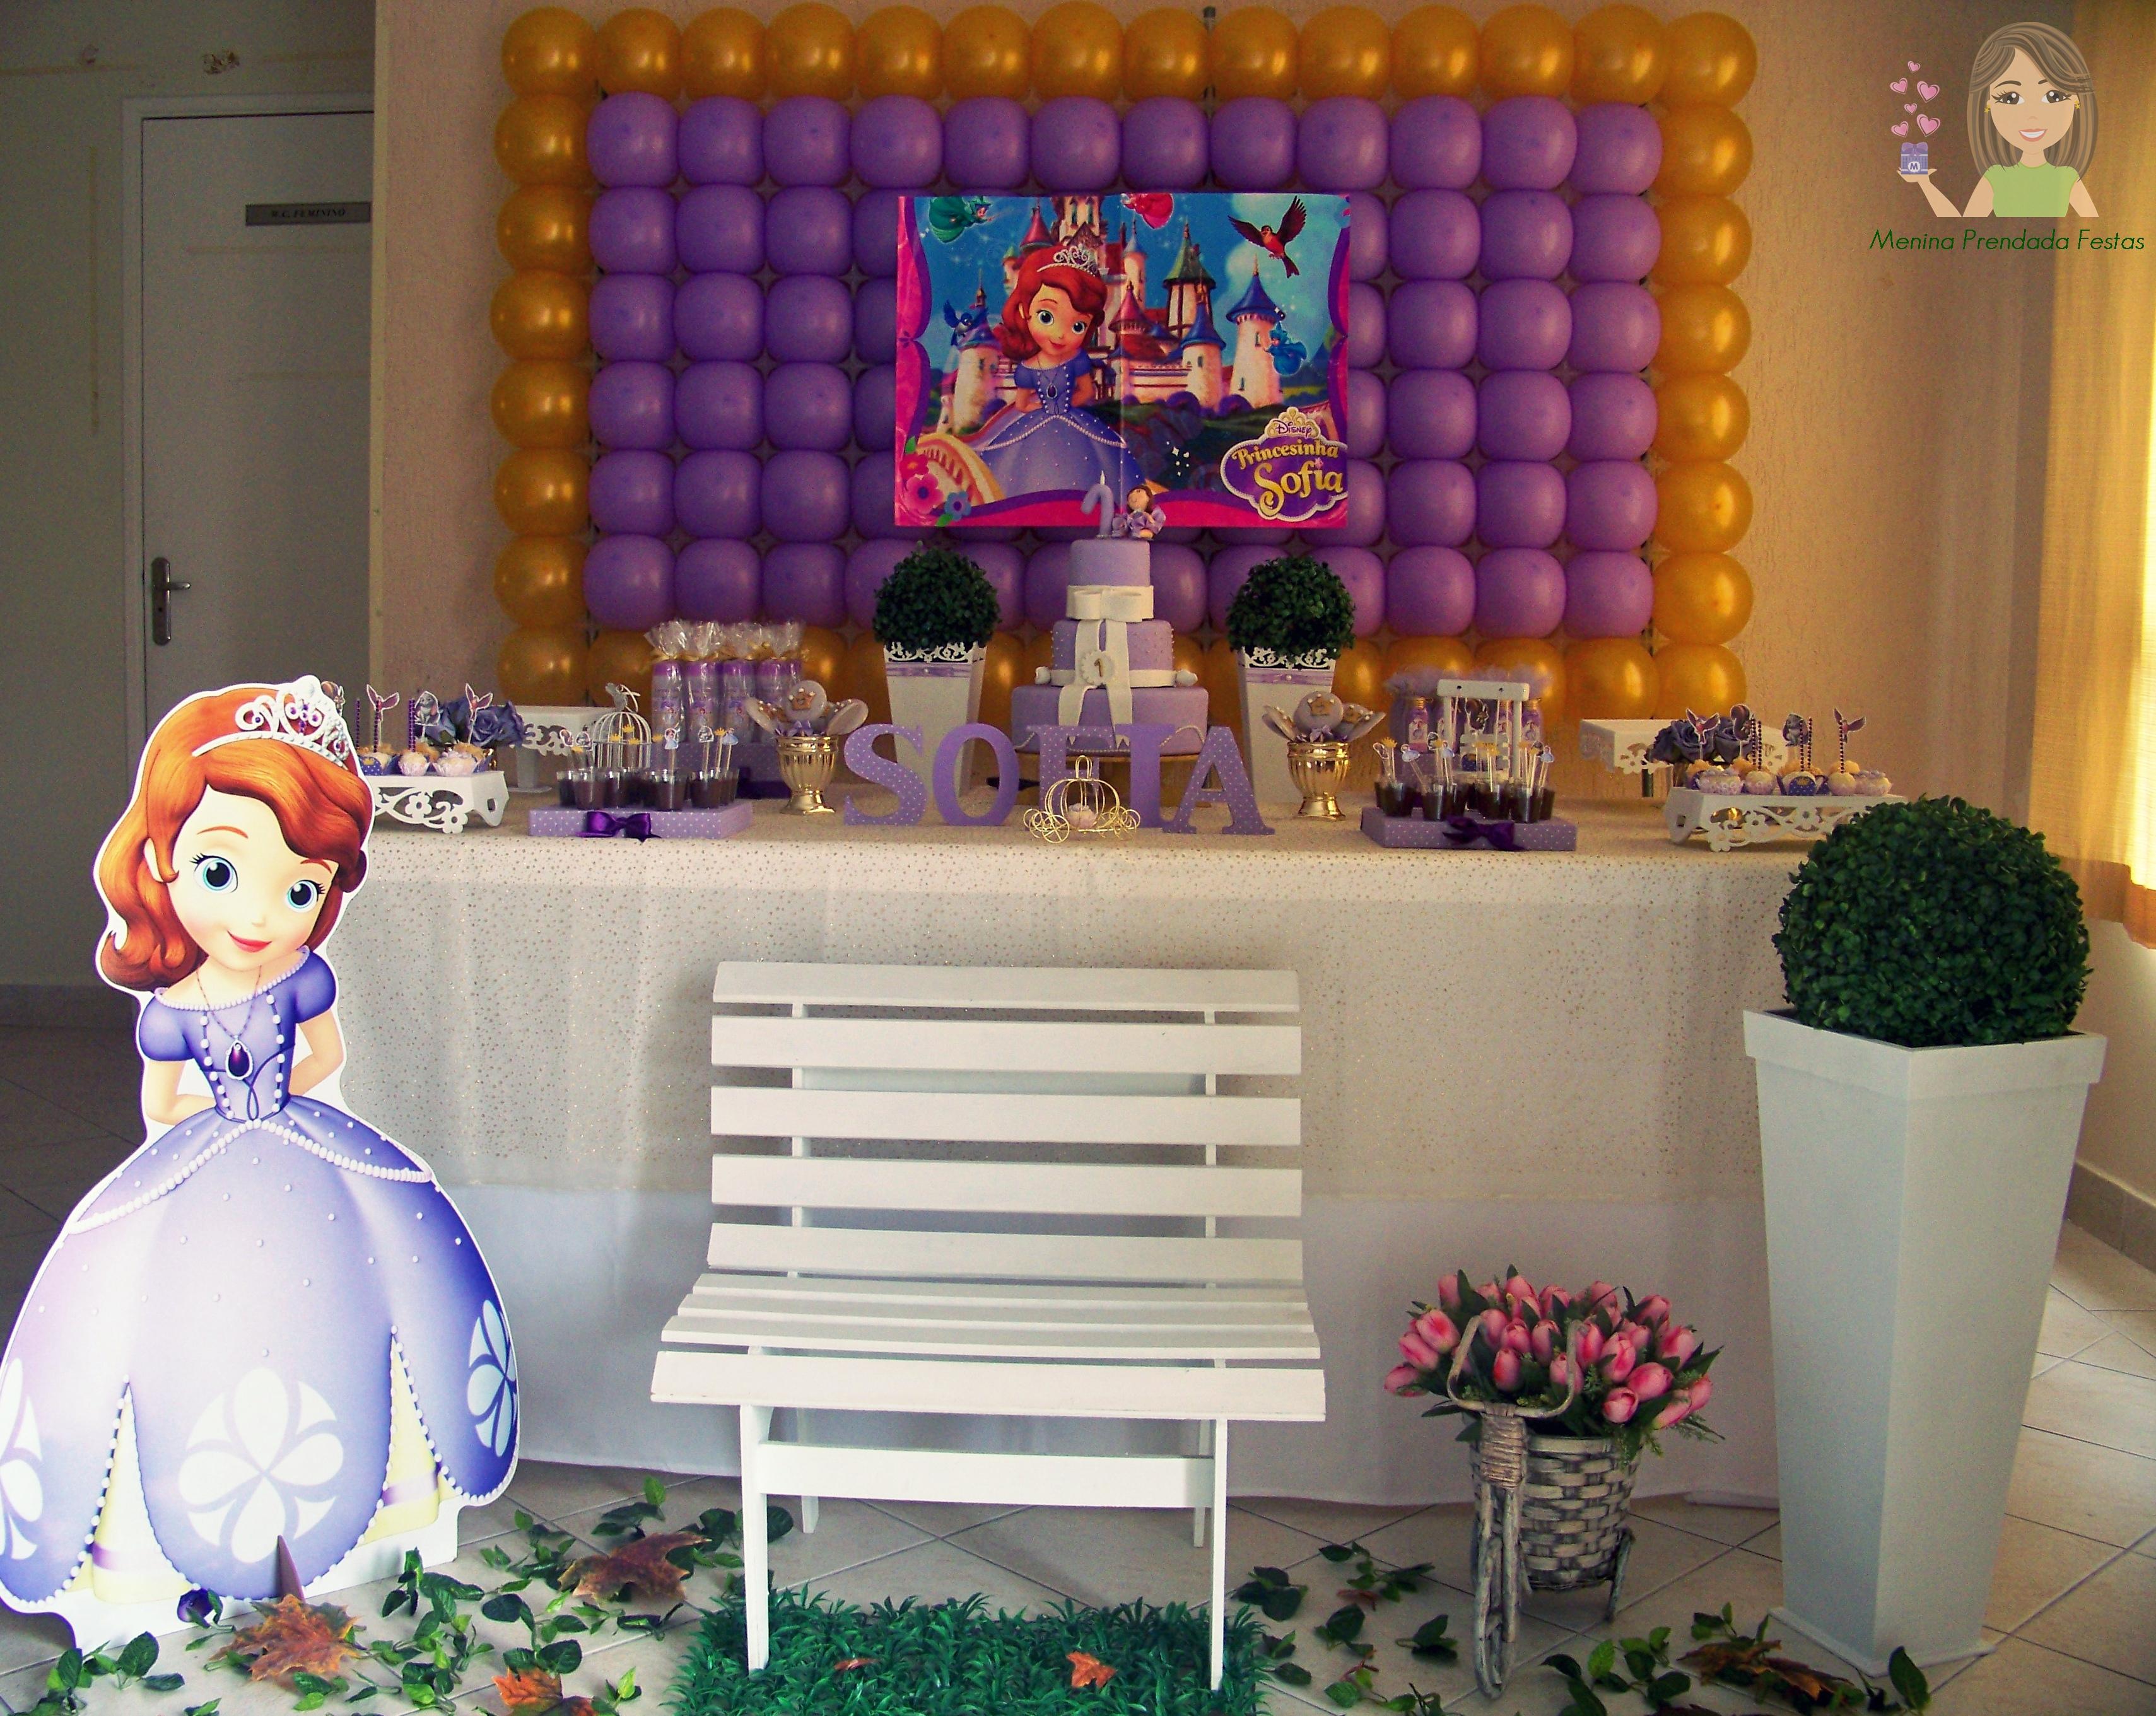 Decoraç u00e3o clean Princesa Sofia Menina Prendada Festas Personalizadas Elo7 -> Decoração De Aniversário Princesa Sofia